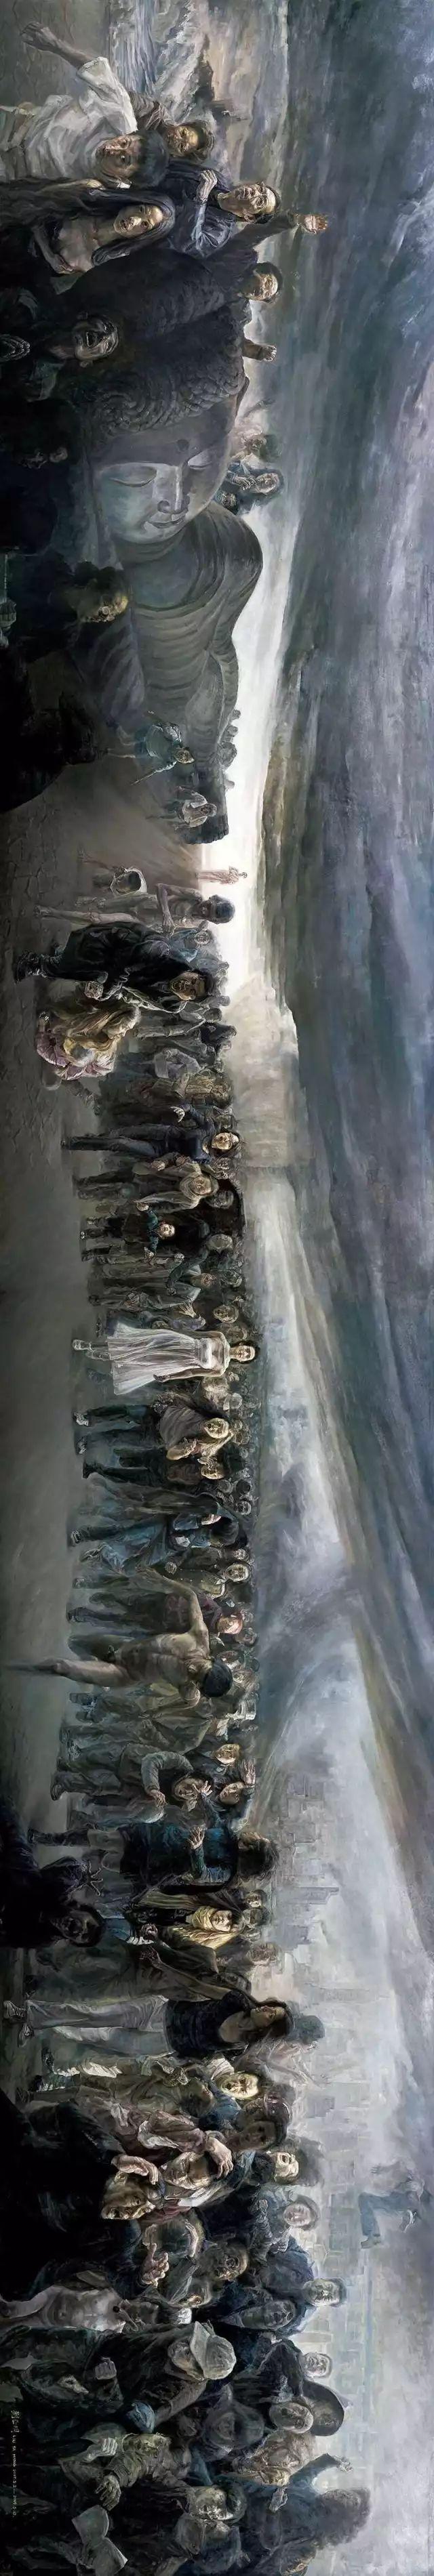 巨幅油画《苍穹之眼》创作过程,看完视频只有两个字:震撼!插图17